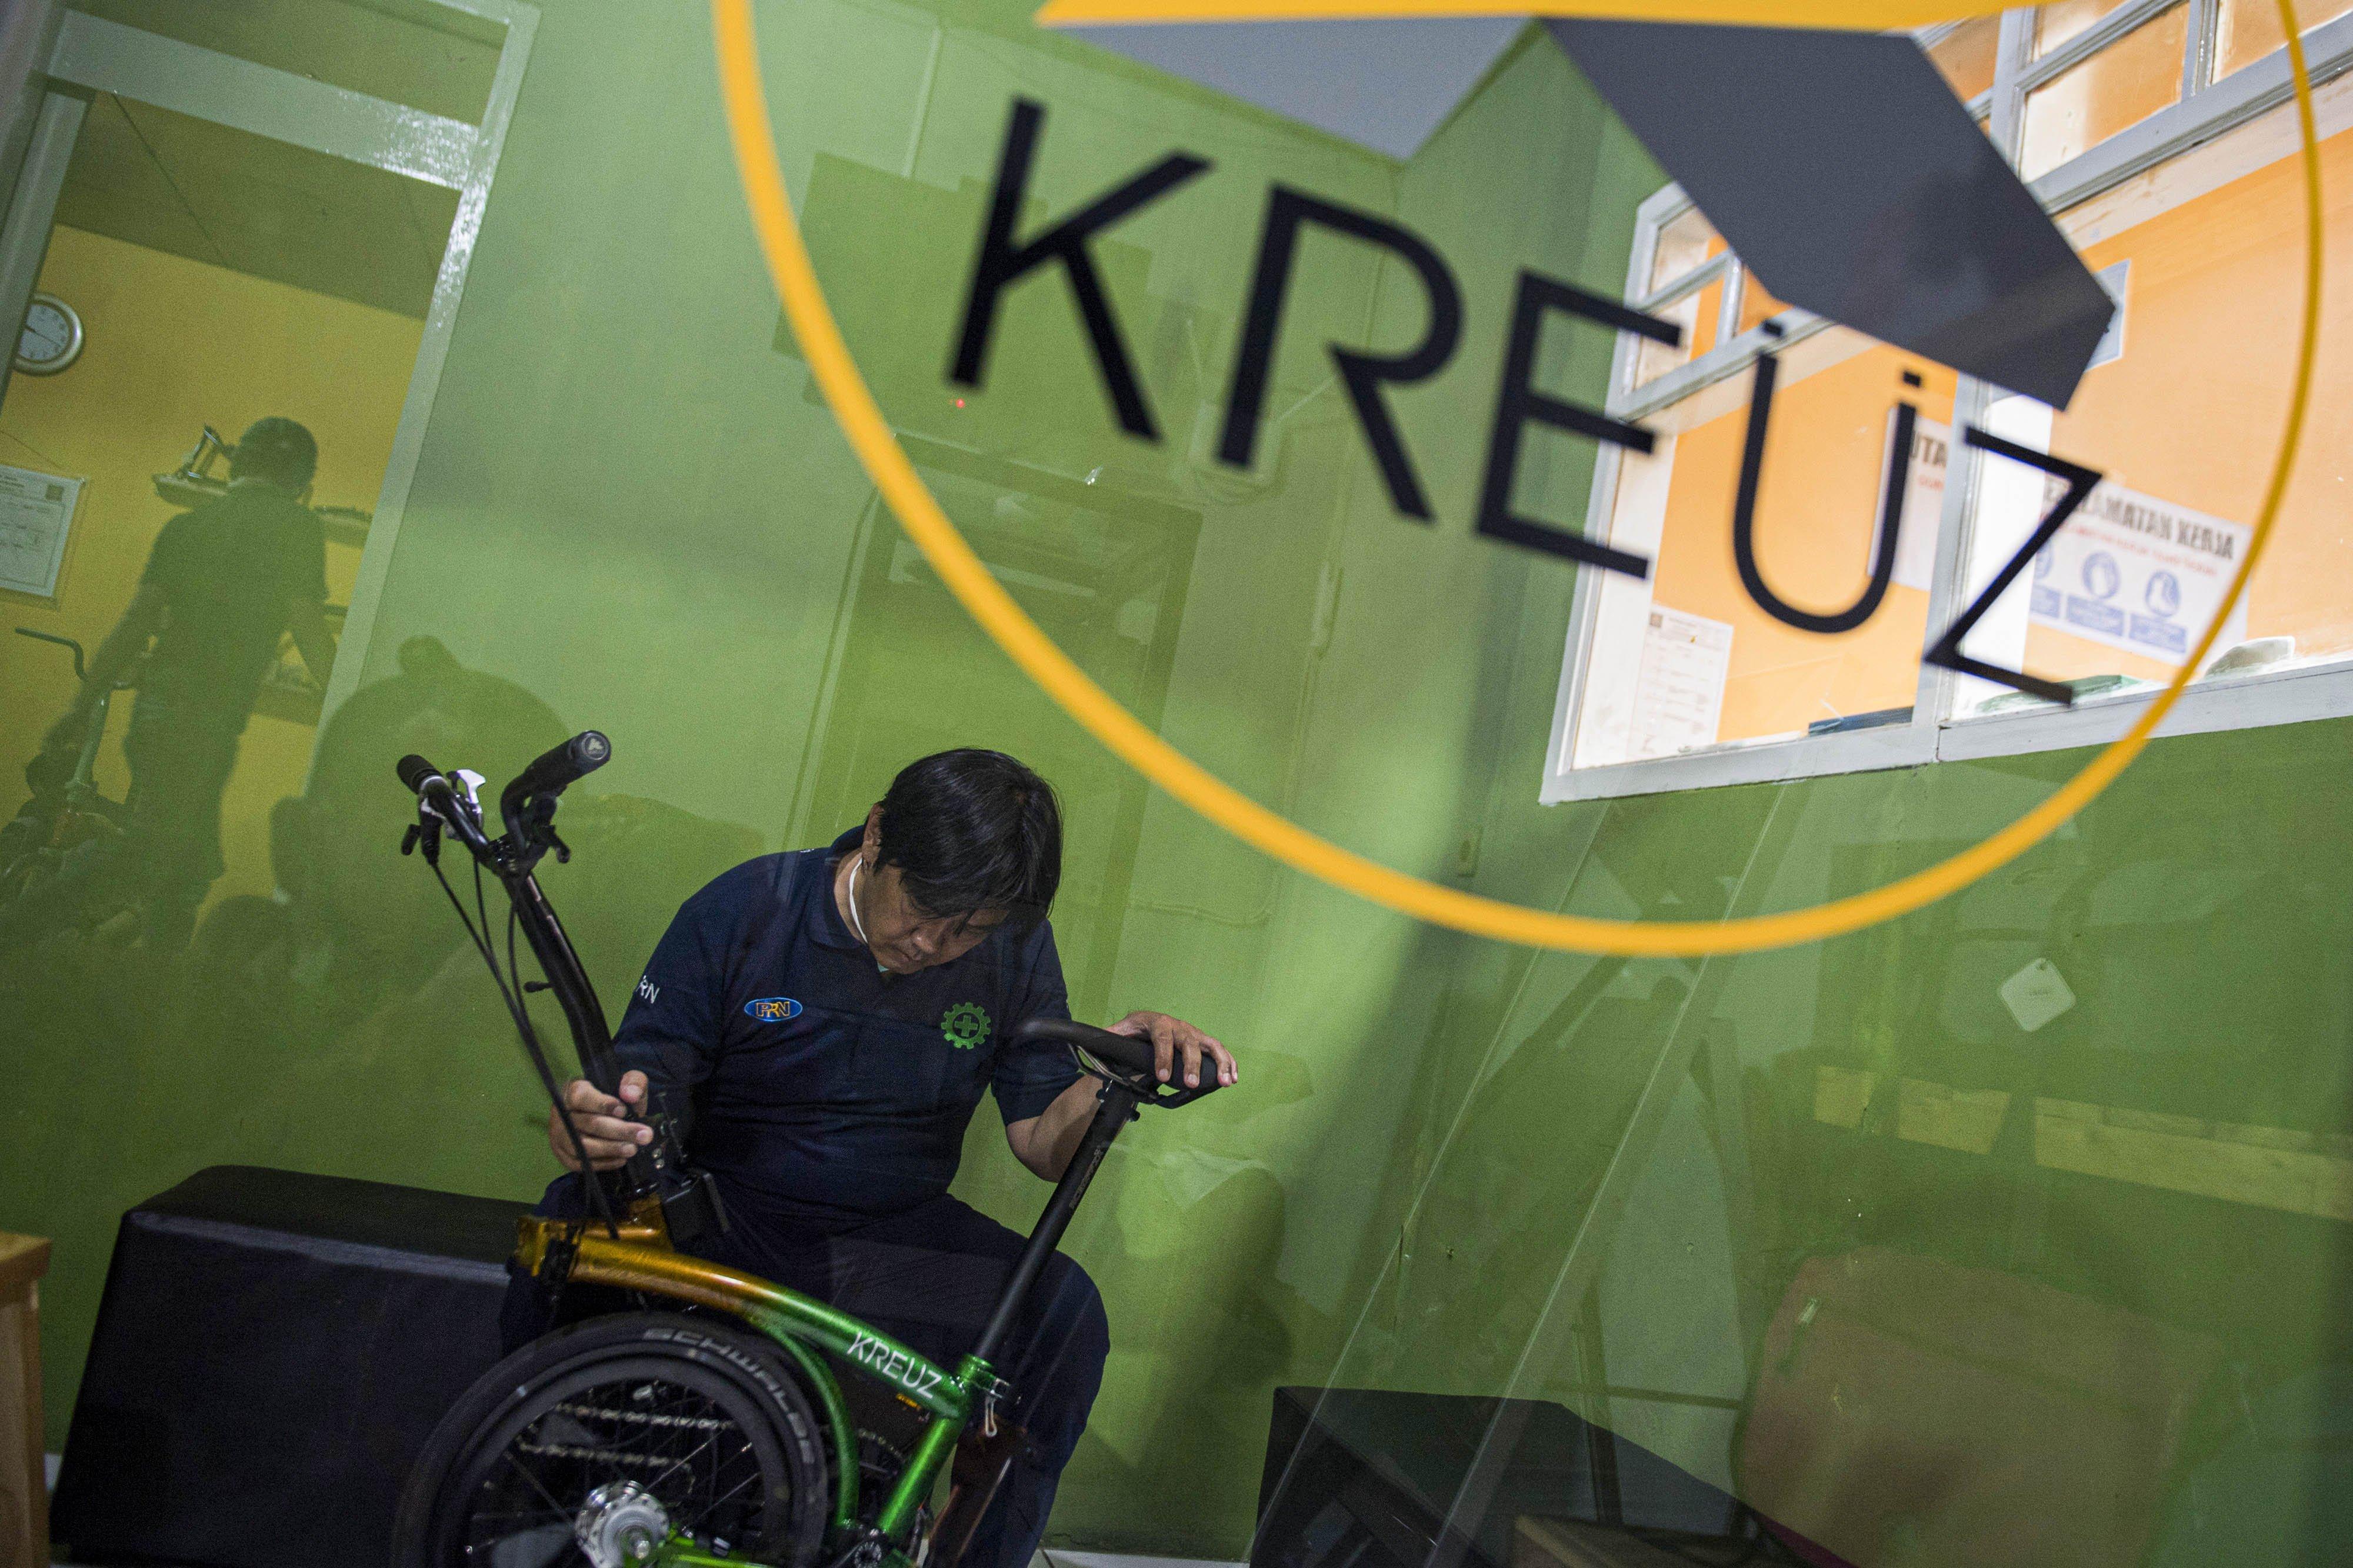 Direktur Kreuz Indonesia Yudi Yudiantara melakukan pemeriksaan akhir sepeda lipat Kreuz seusai perakitan di Bandung, Jawa Barat, Jumat (20/11/2020).